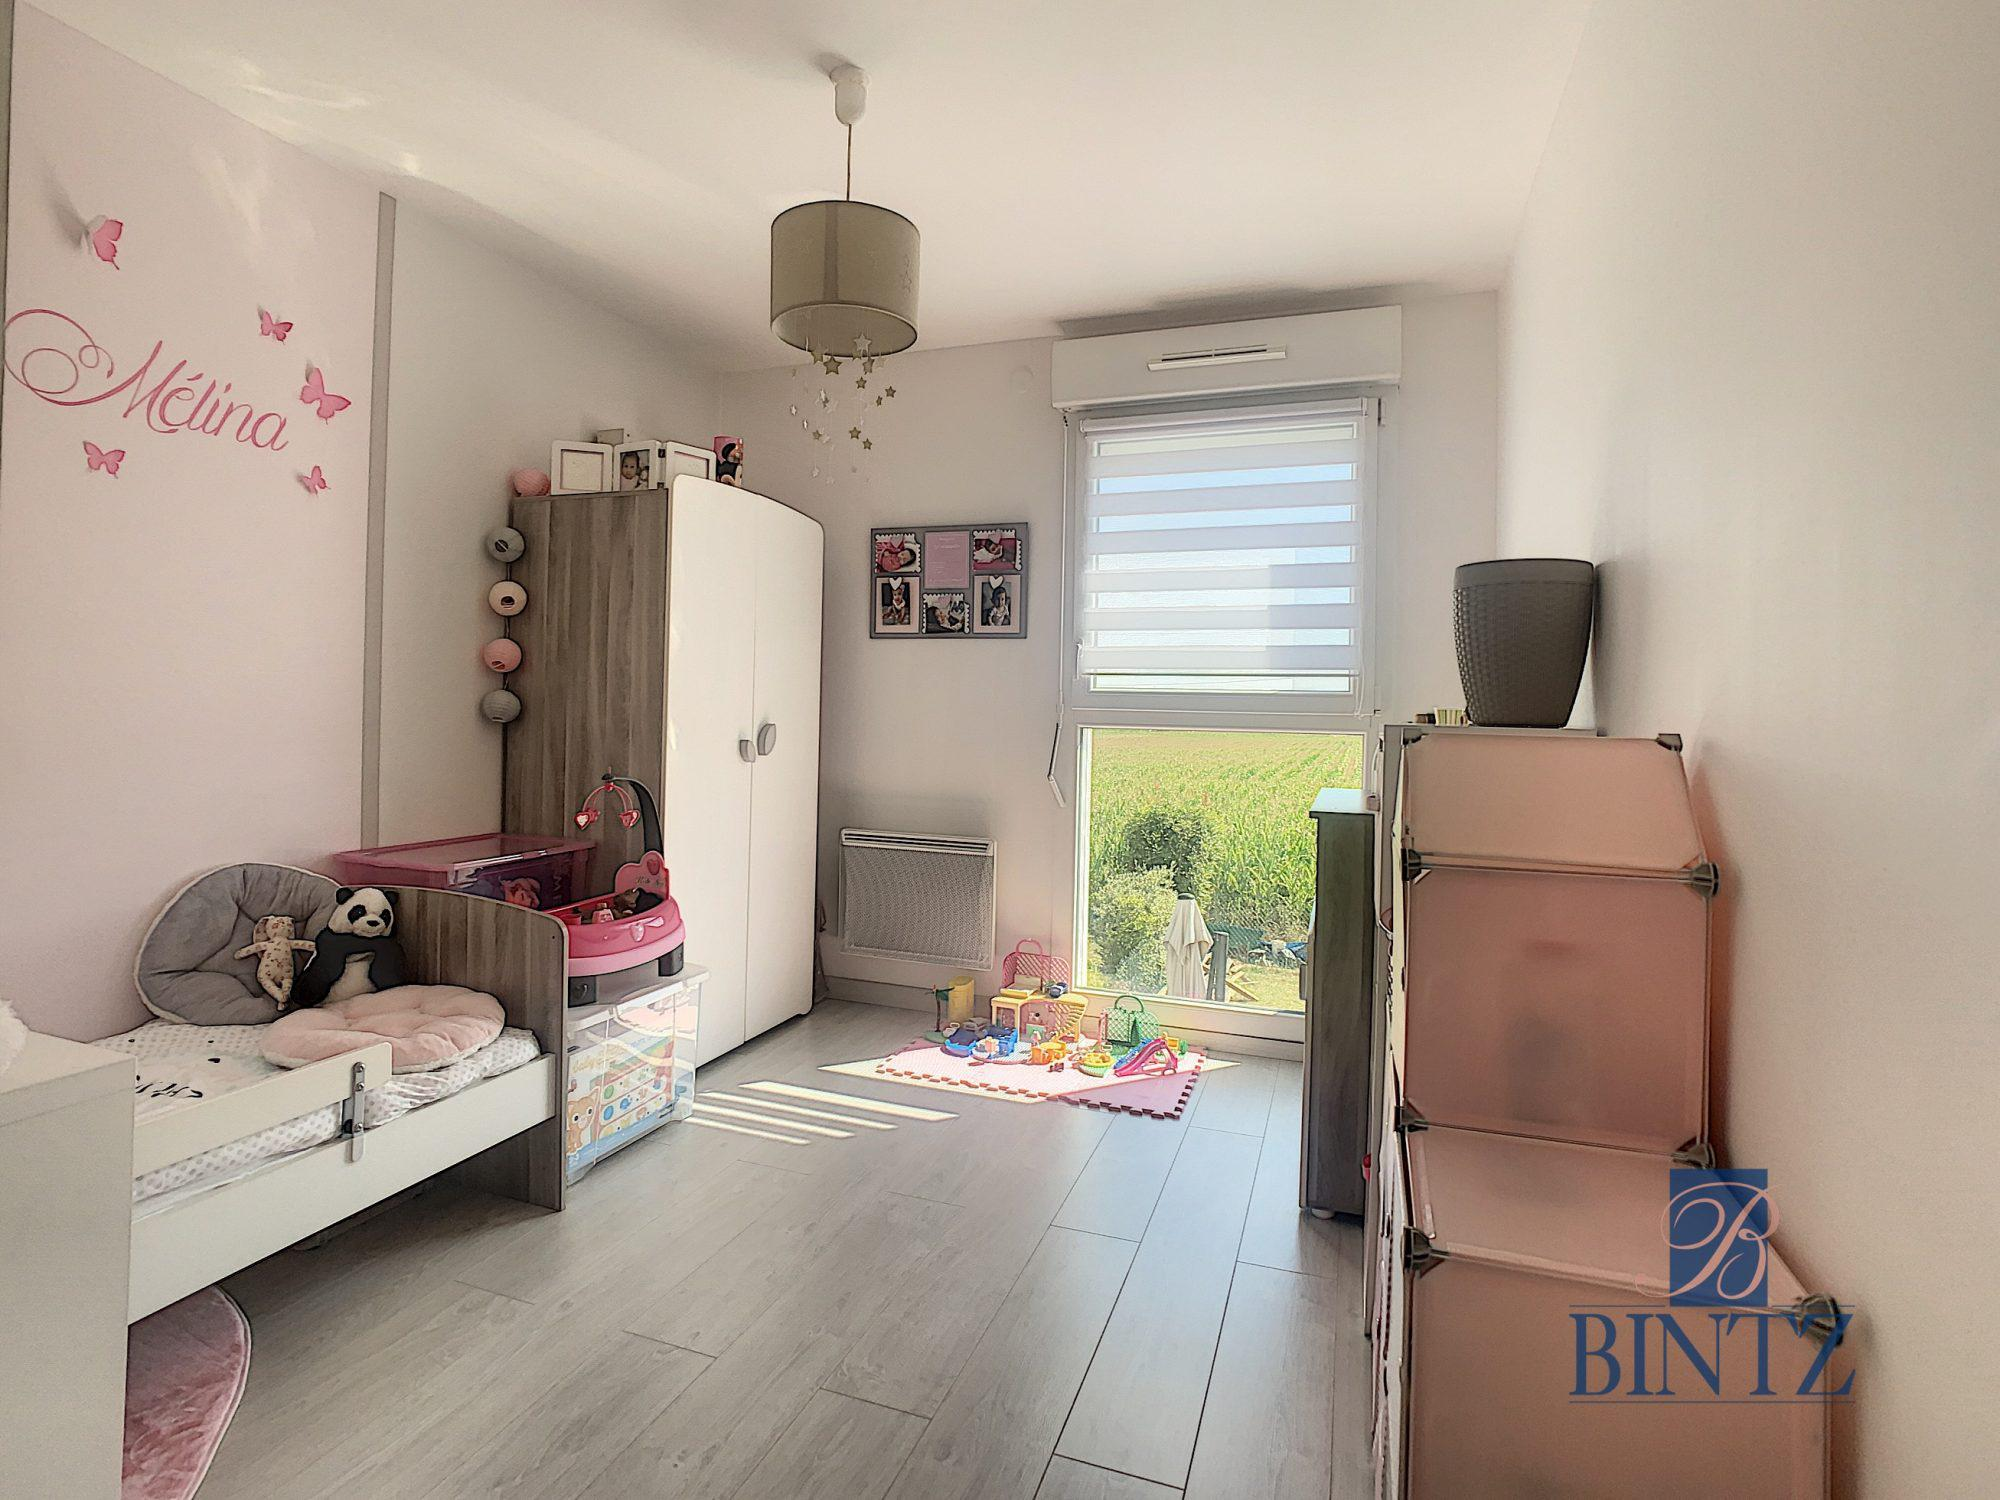 Appartement 4 pièces Duplex rez-de-jardin - Devenez propriétaire en toute confiance - Bintz Immobilier - 11